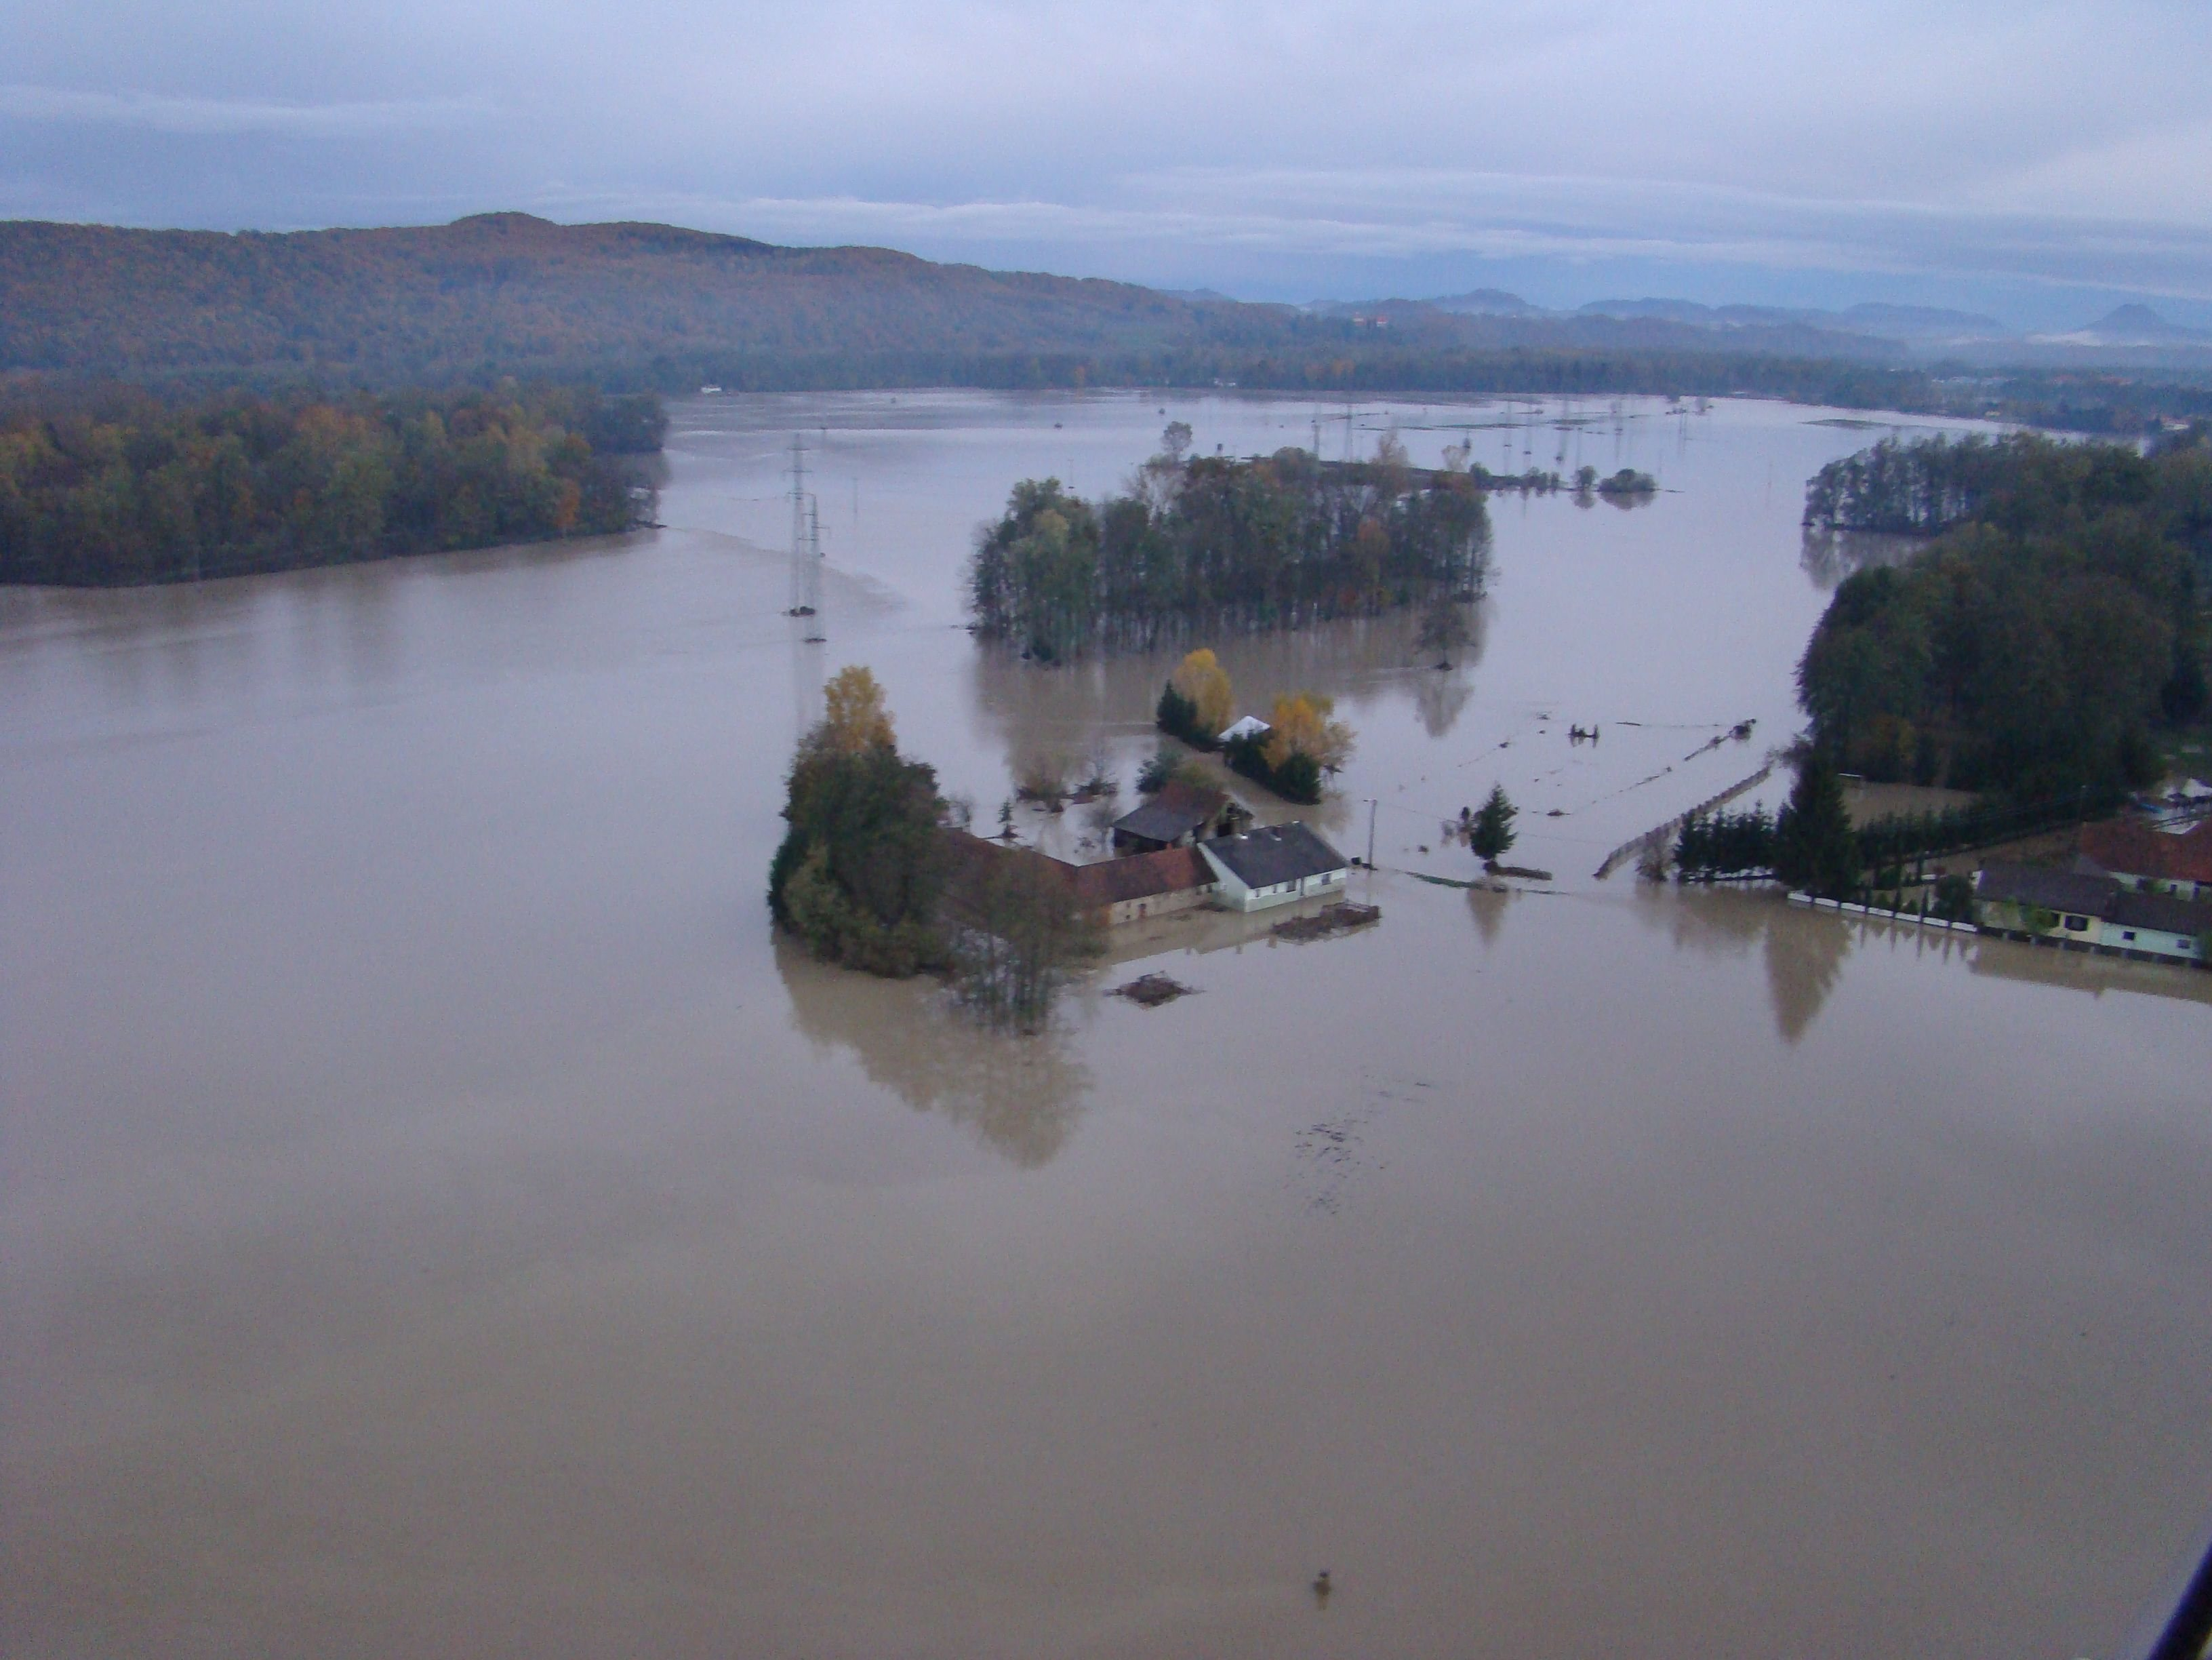 Novembrske poplave v občini Gorišnica!